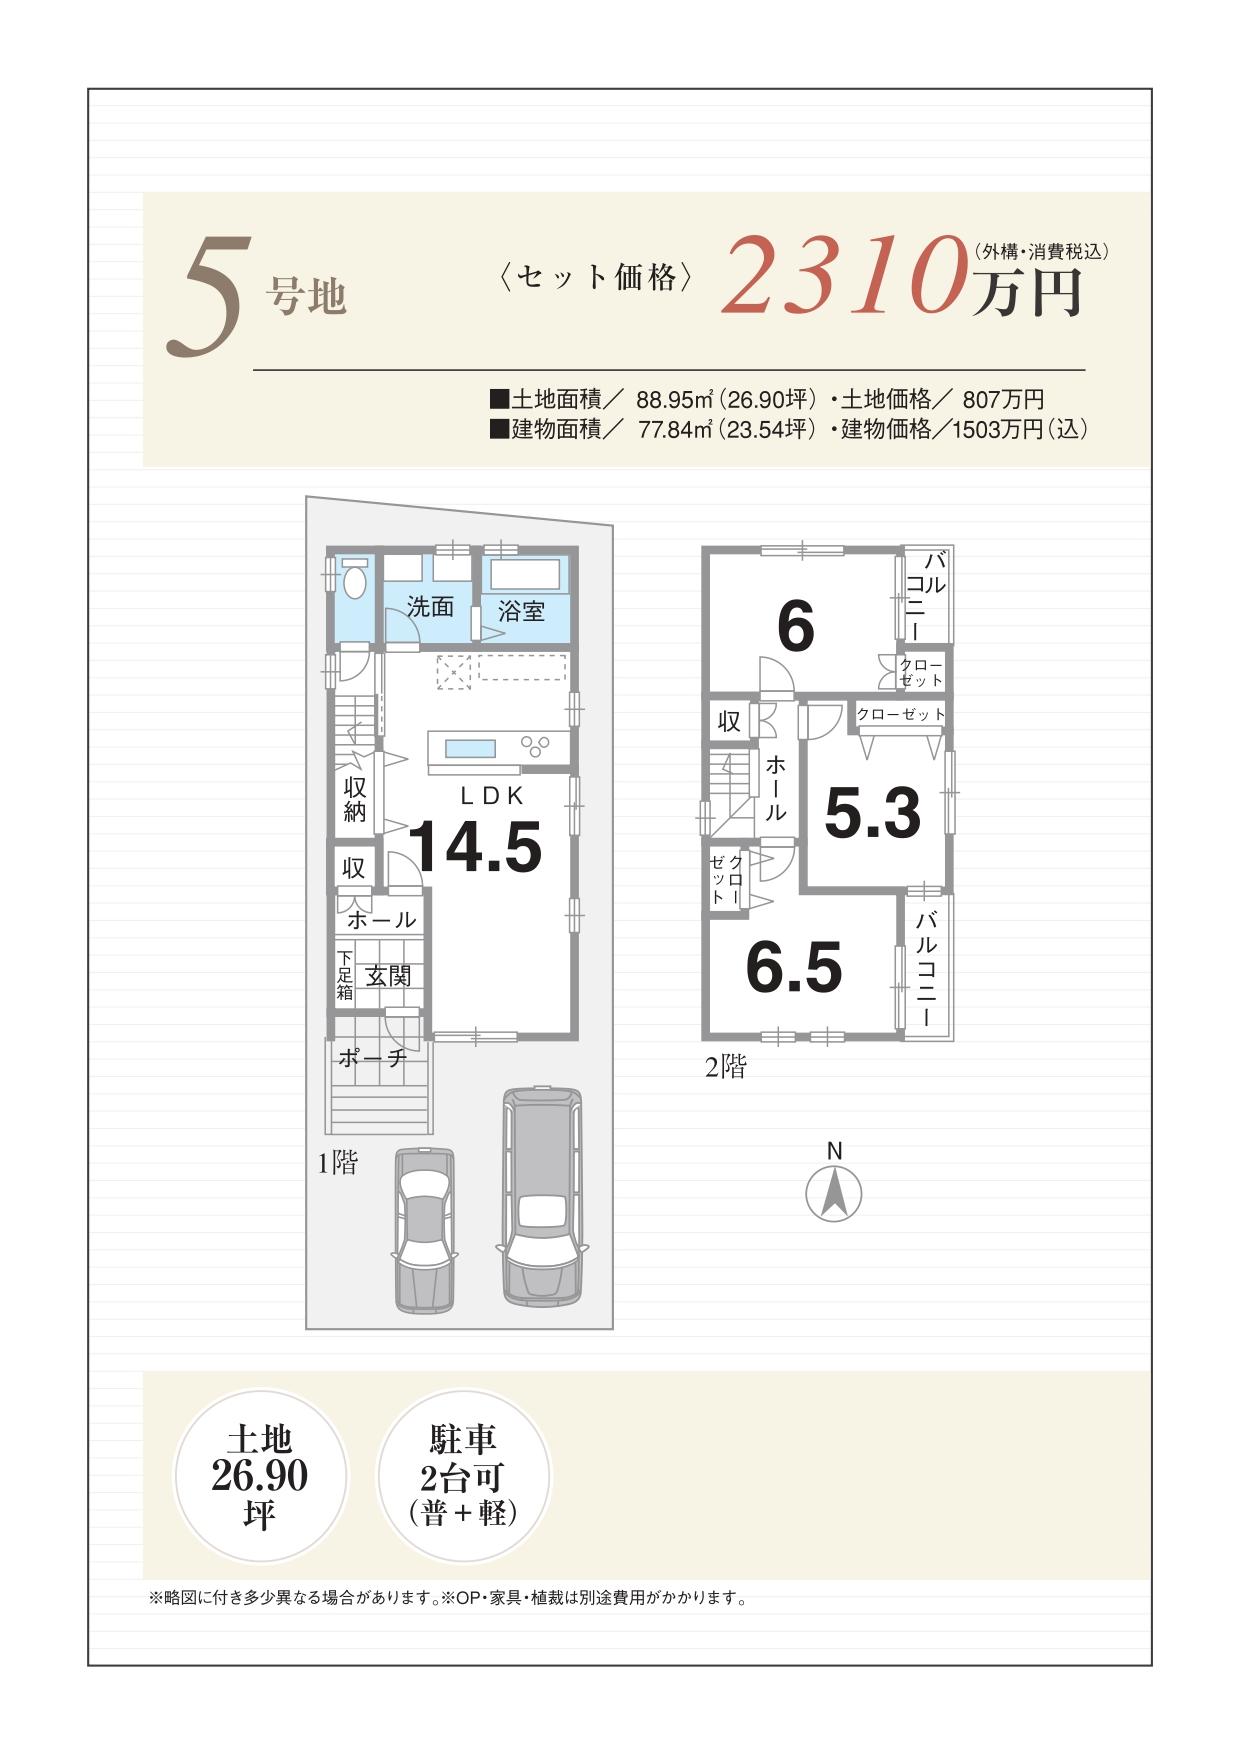 所在地:京都府八幡市八幡馬場31他 価格:2,310万円 土地面積:26.90坪 建物面積:23.54坪